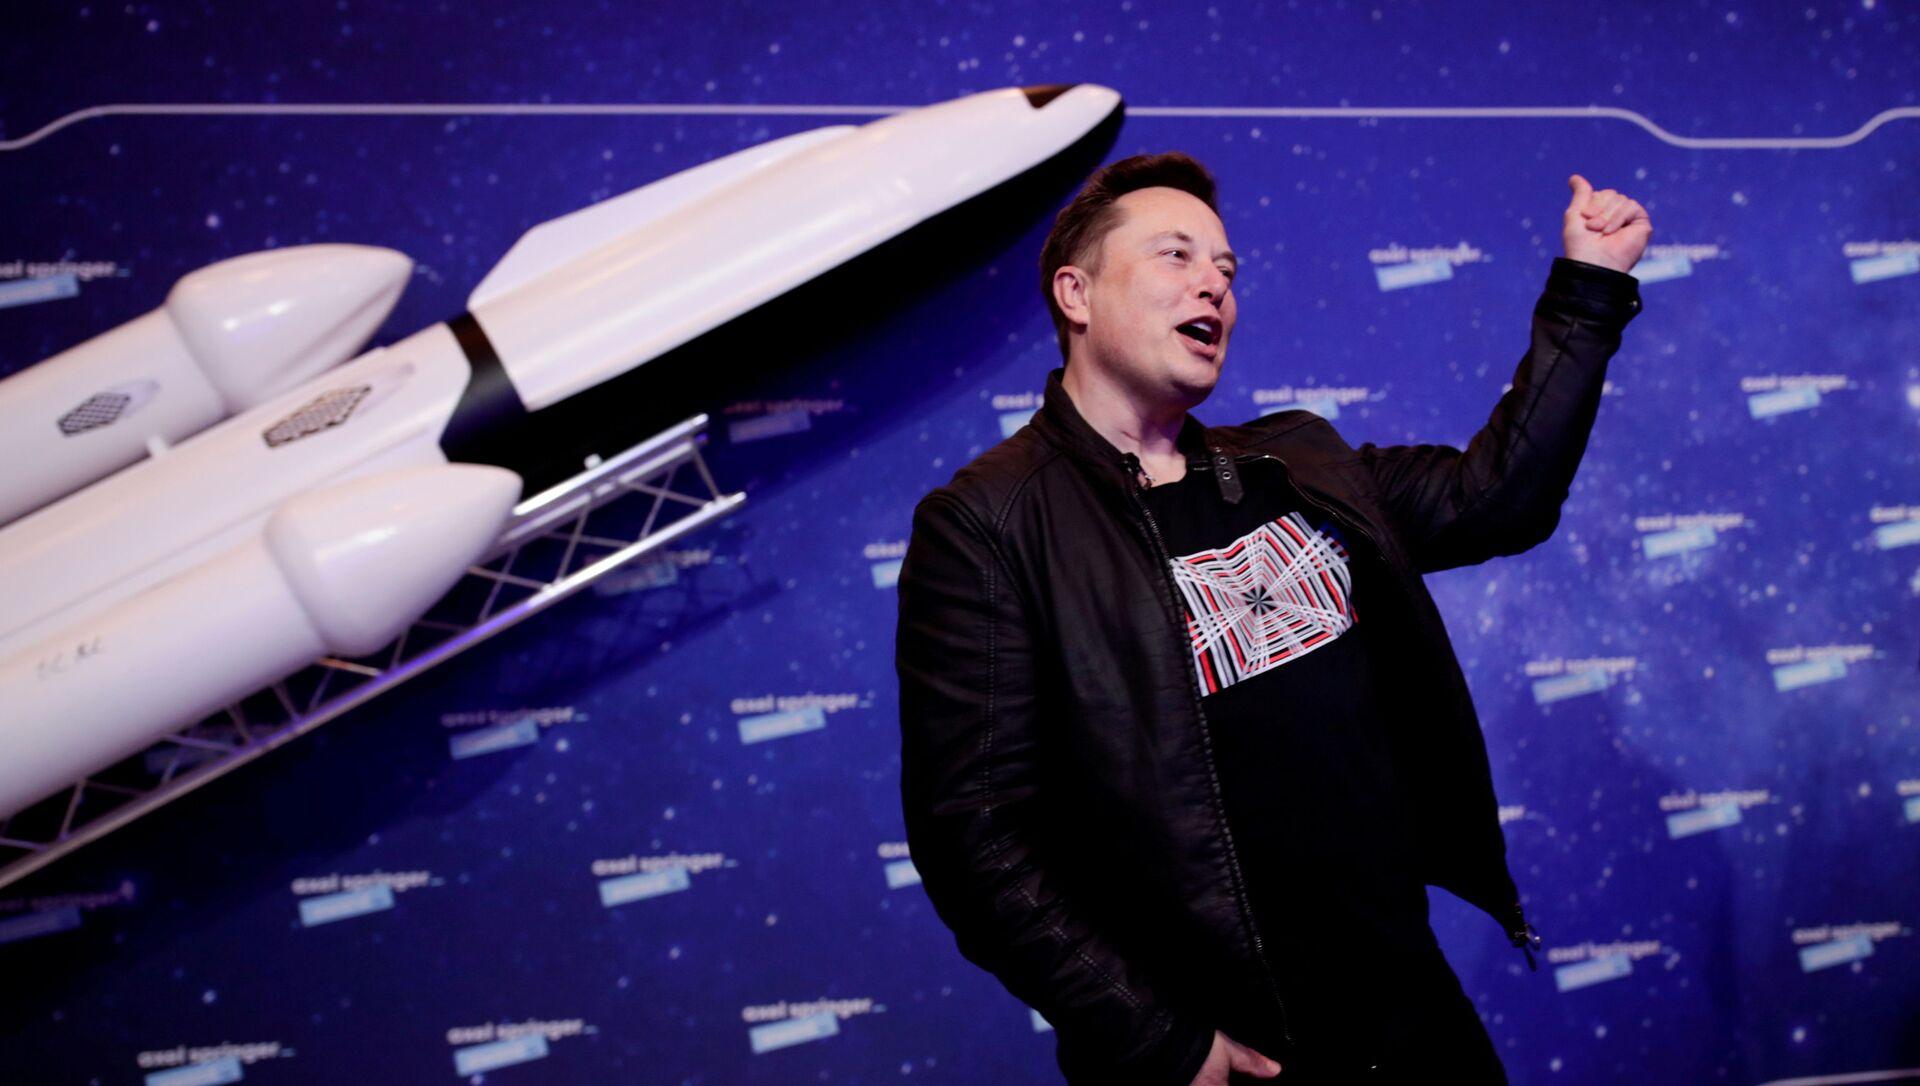 Podnikatel Elon Musk  - Sputnik Česká republika, 1920, 01.02.2021